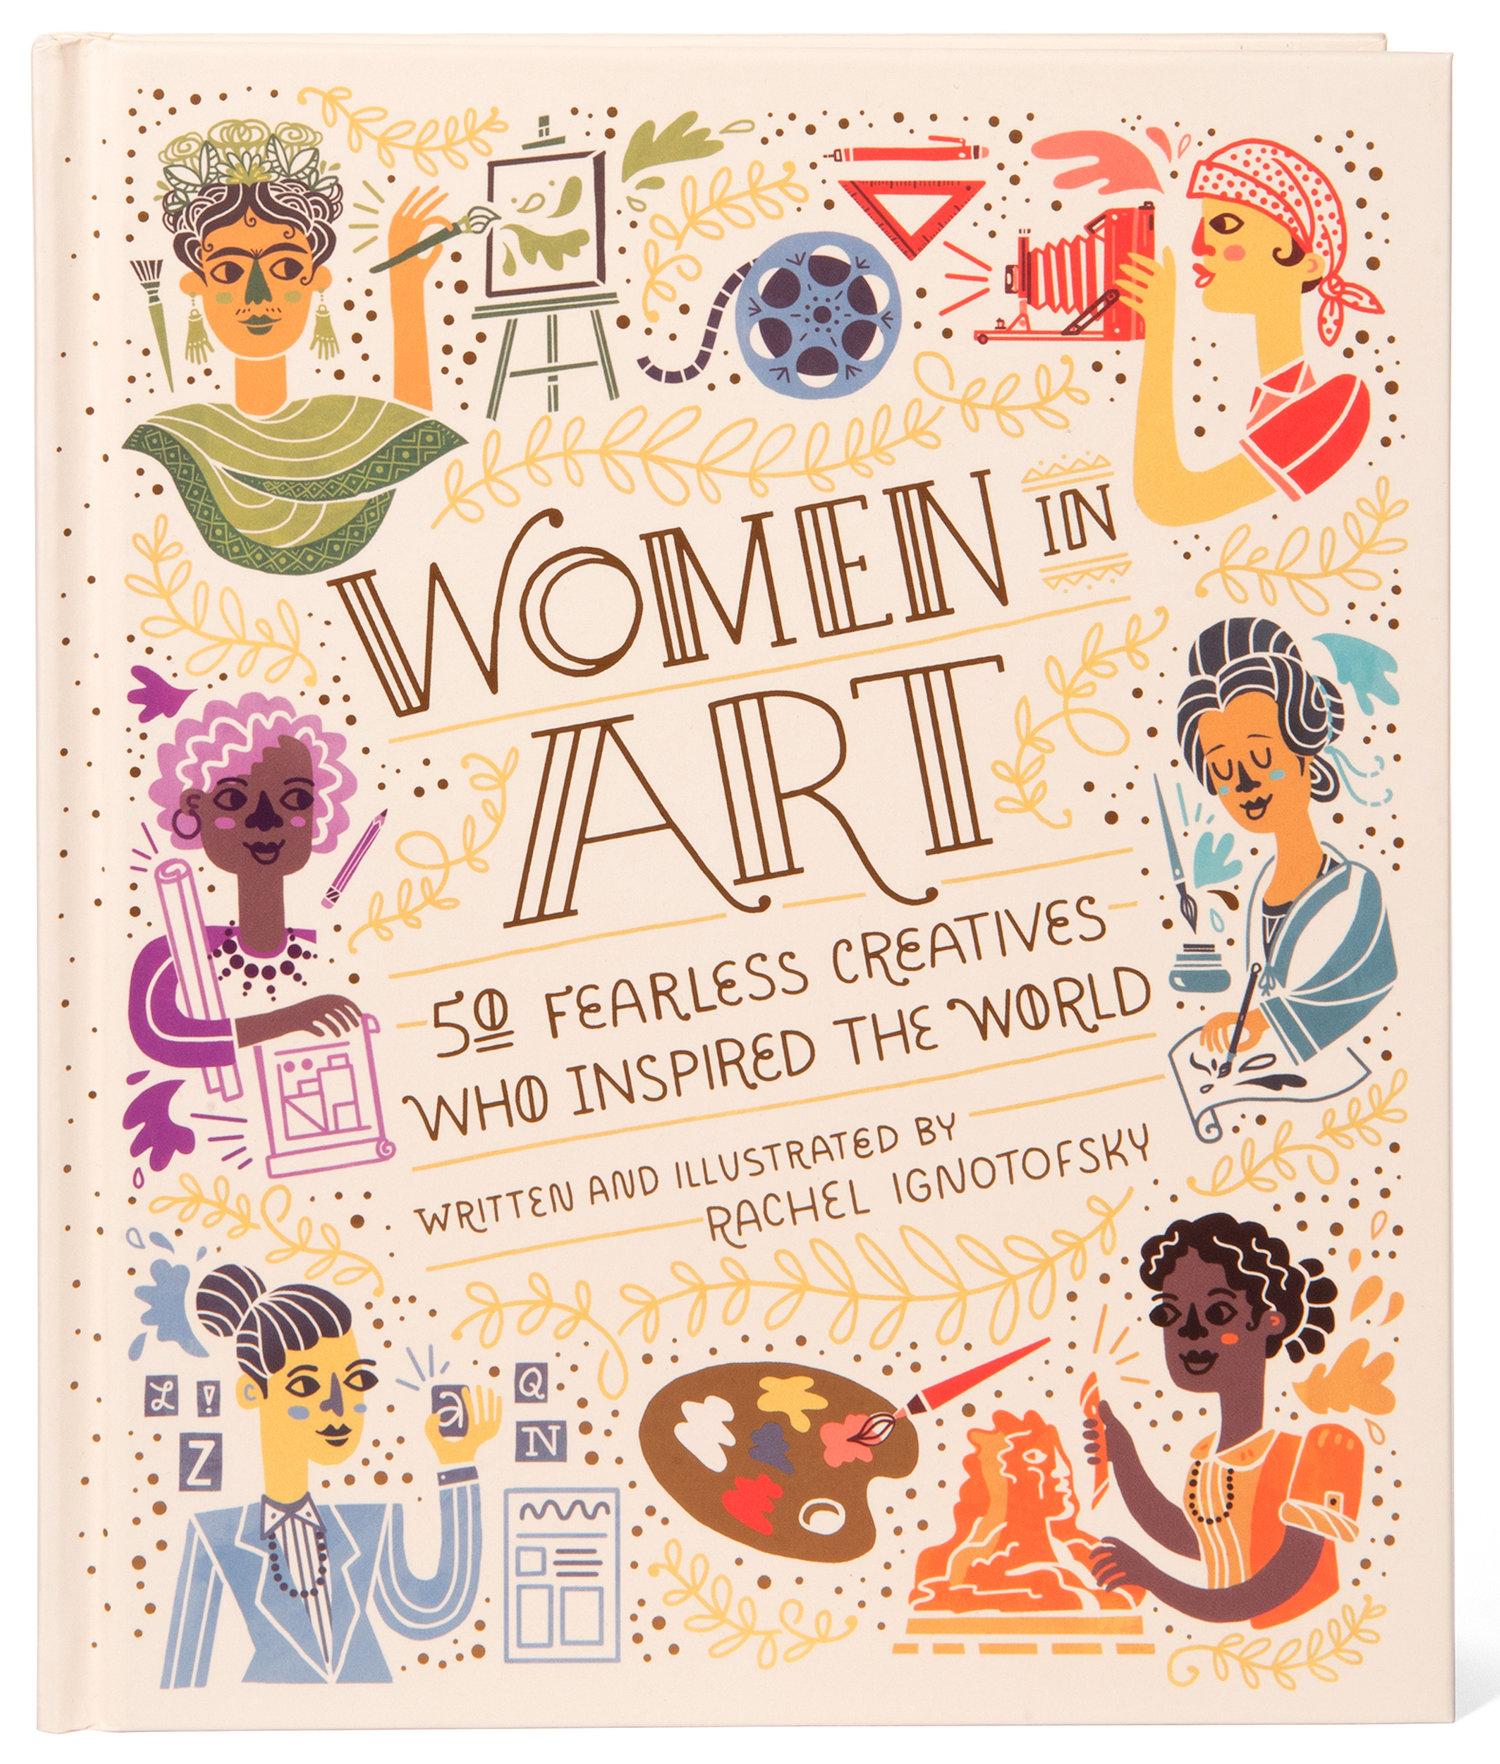 women+in+art+low+rez+photonew-1.jpg